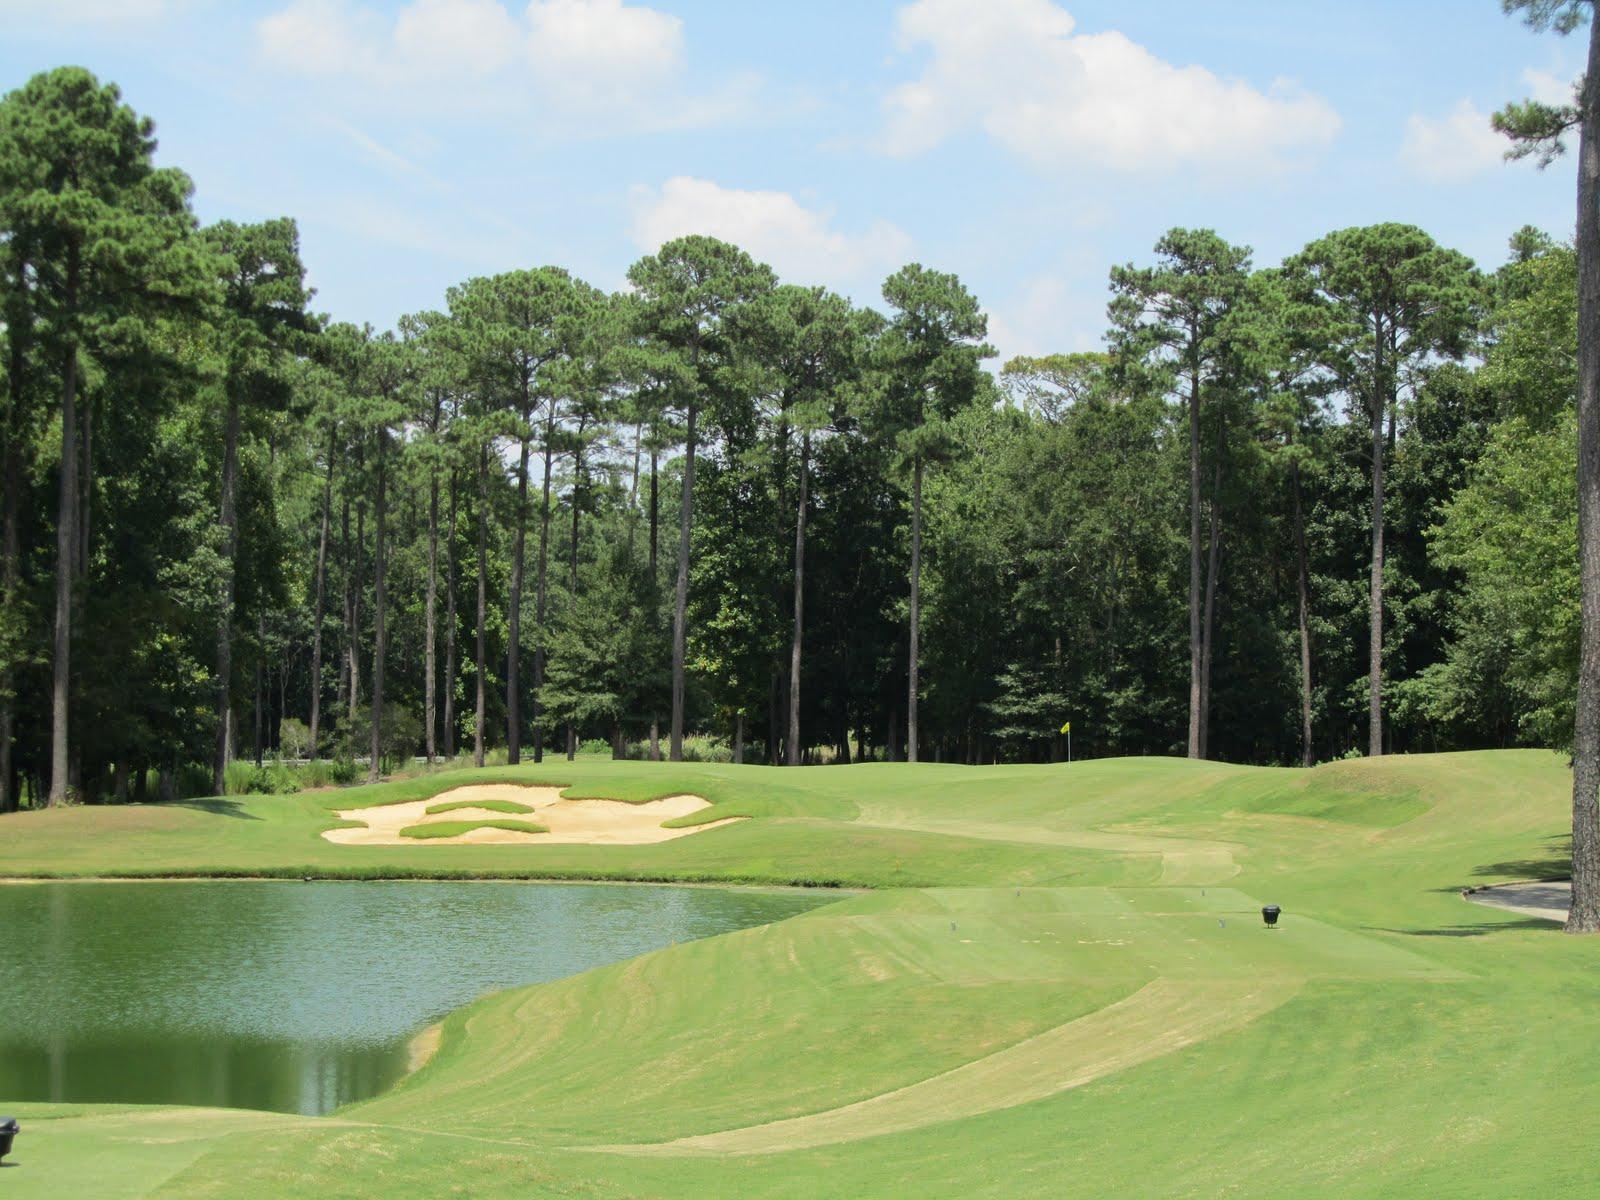 My golftrip around the world 2011: TPC Myrtle Beach and Garden City ...